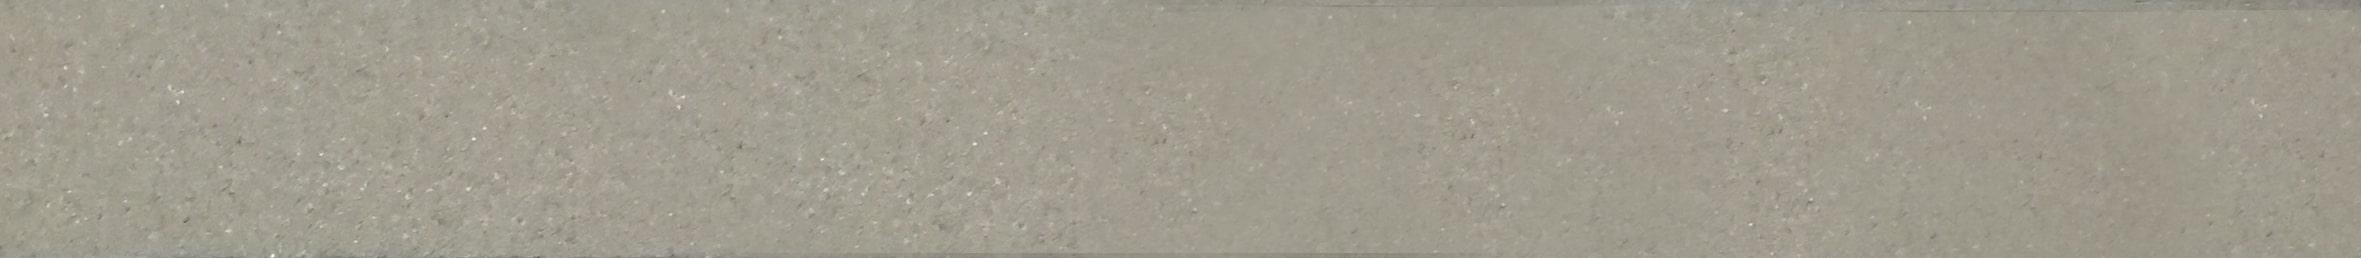 Fugenmörtel - Fugenfarbe 1001